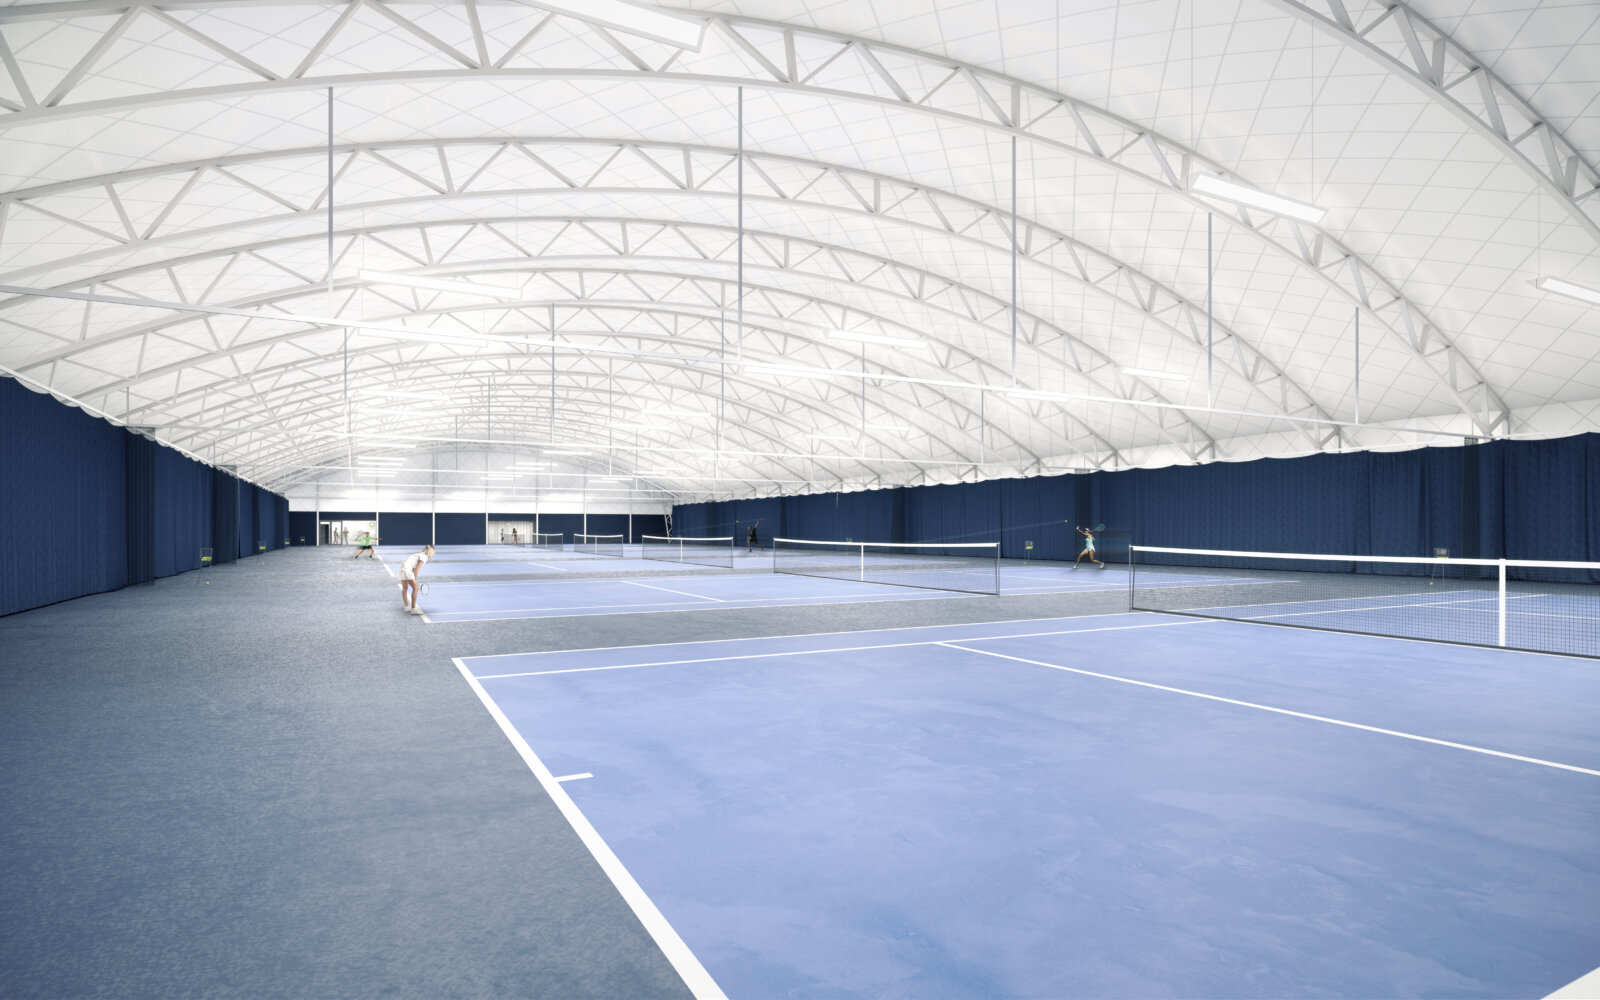 Interior of Oriam Indoor Tennis Centre